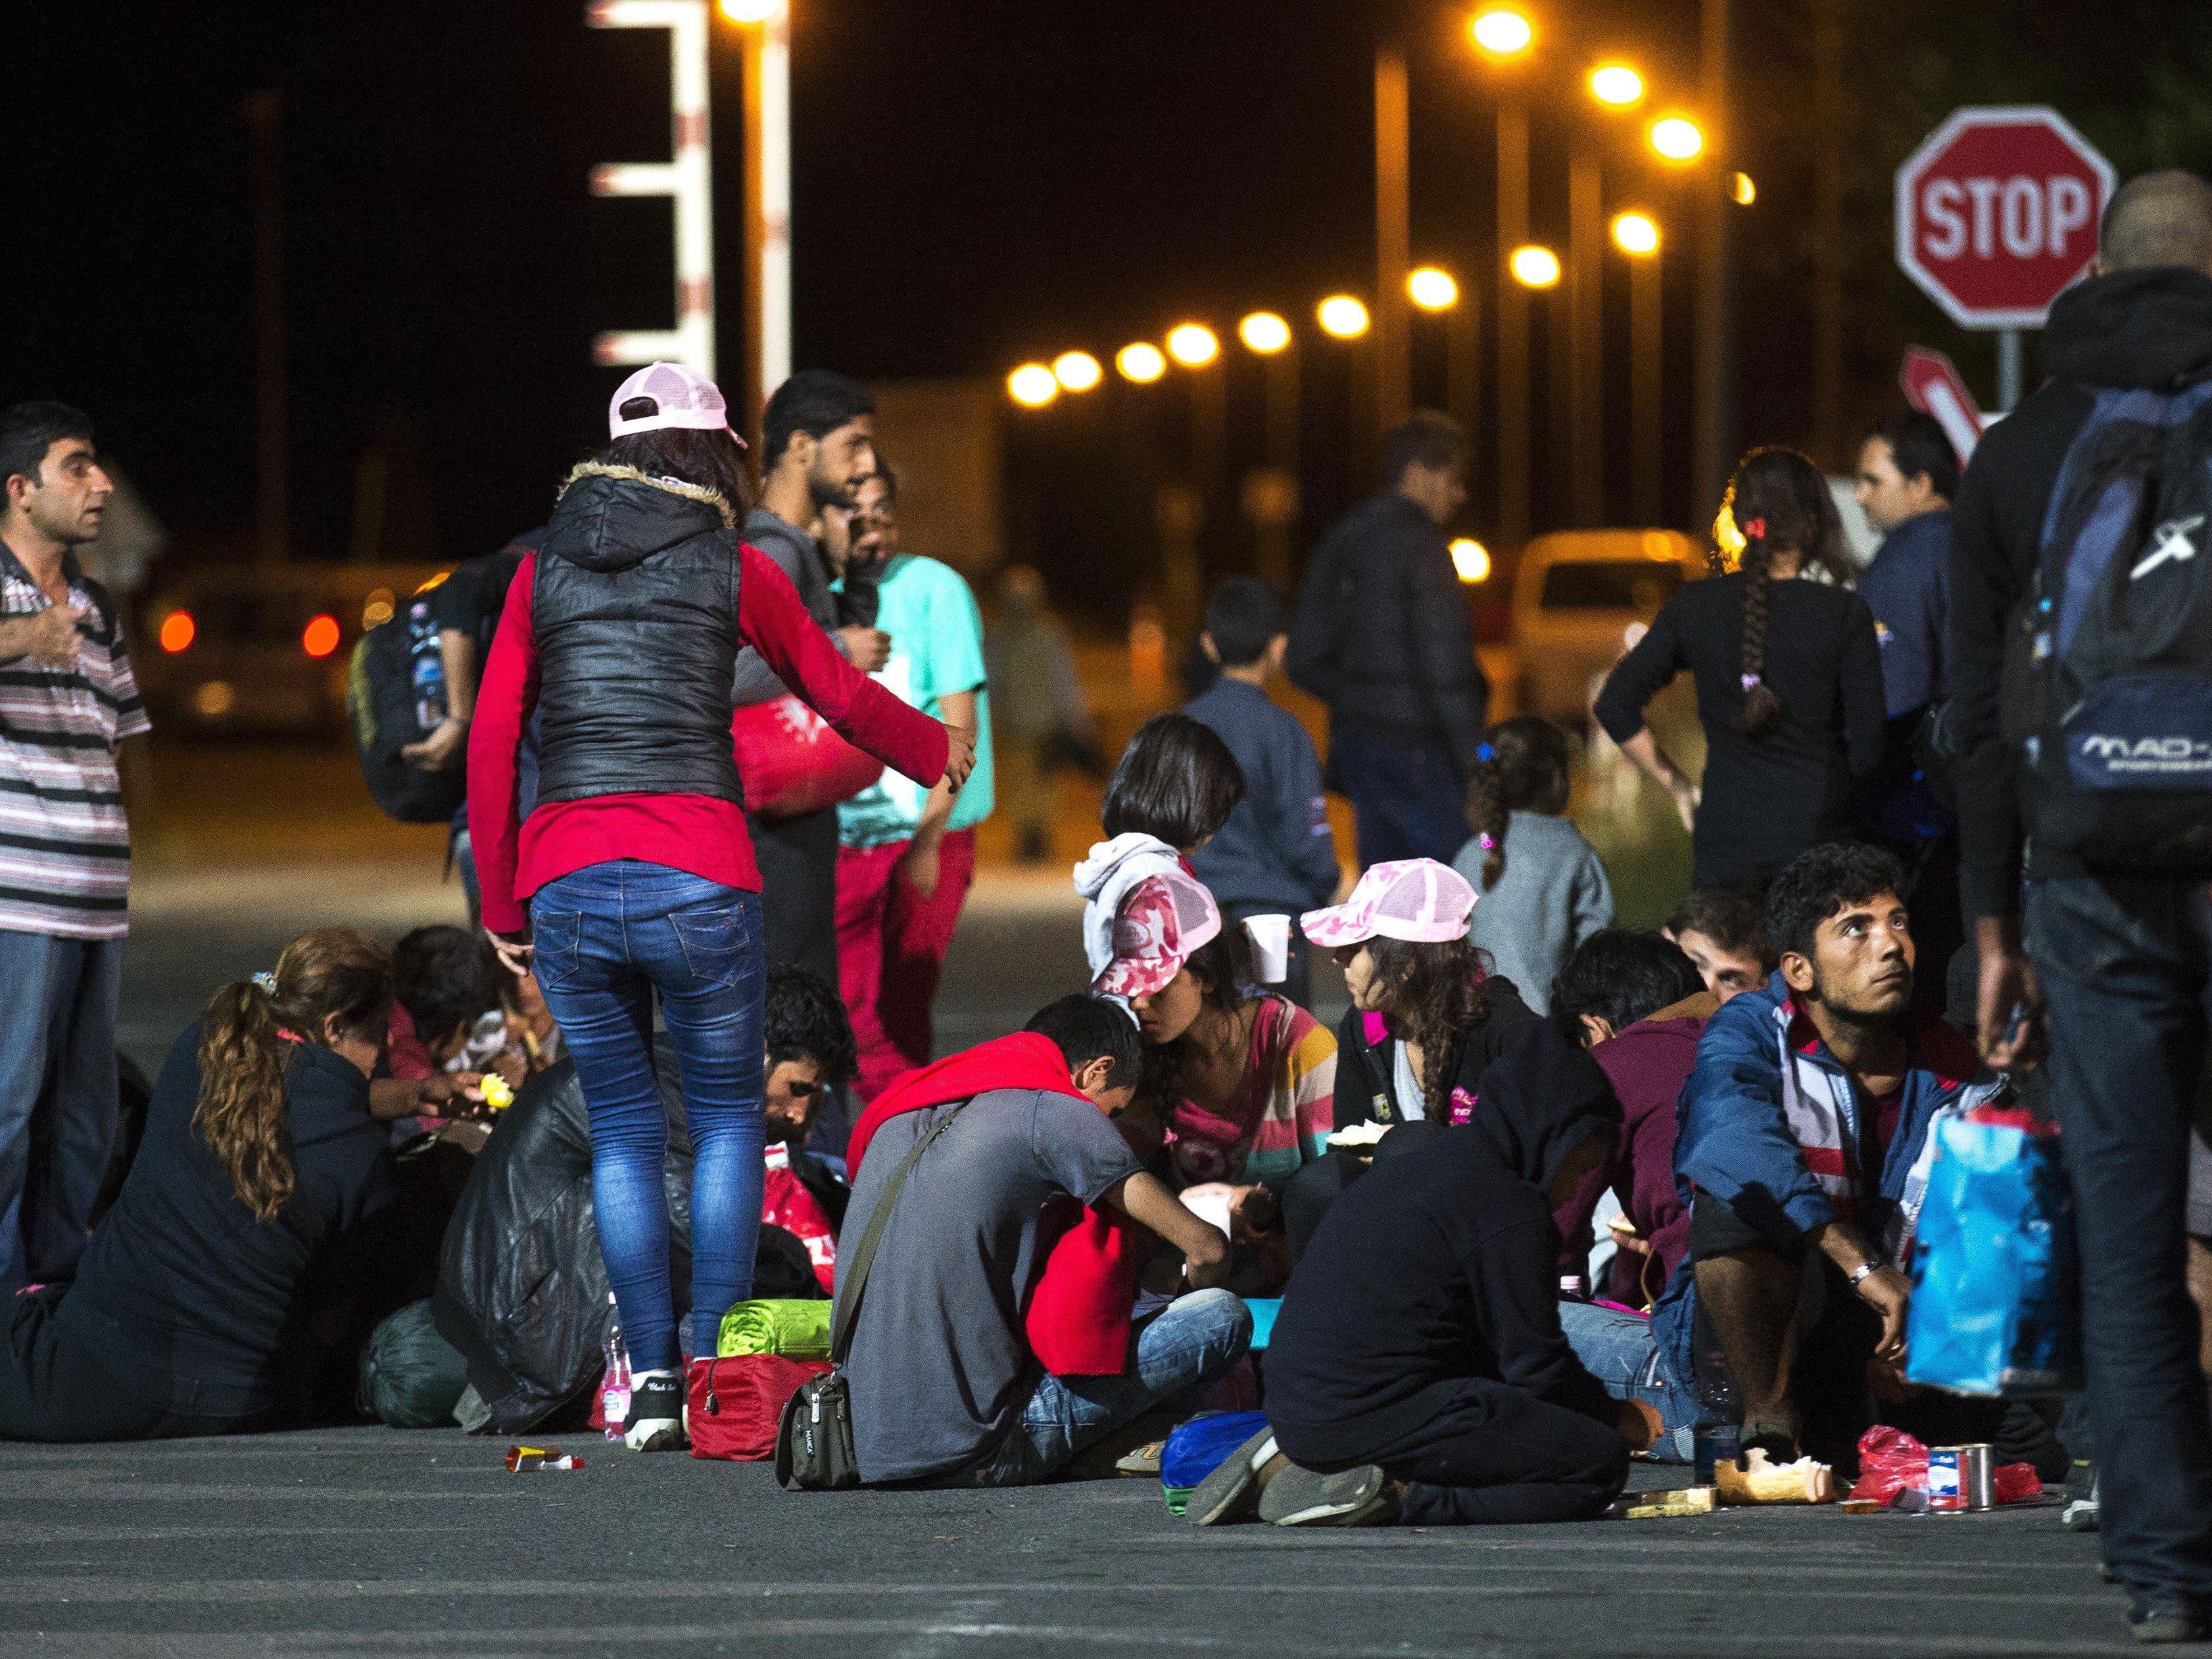 Flüchtlinge - Helfer für Wiesen und Nickelsdorf gesucht